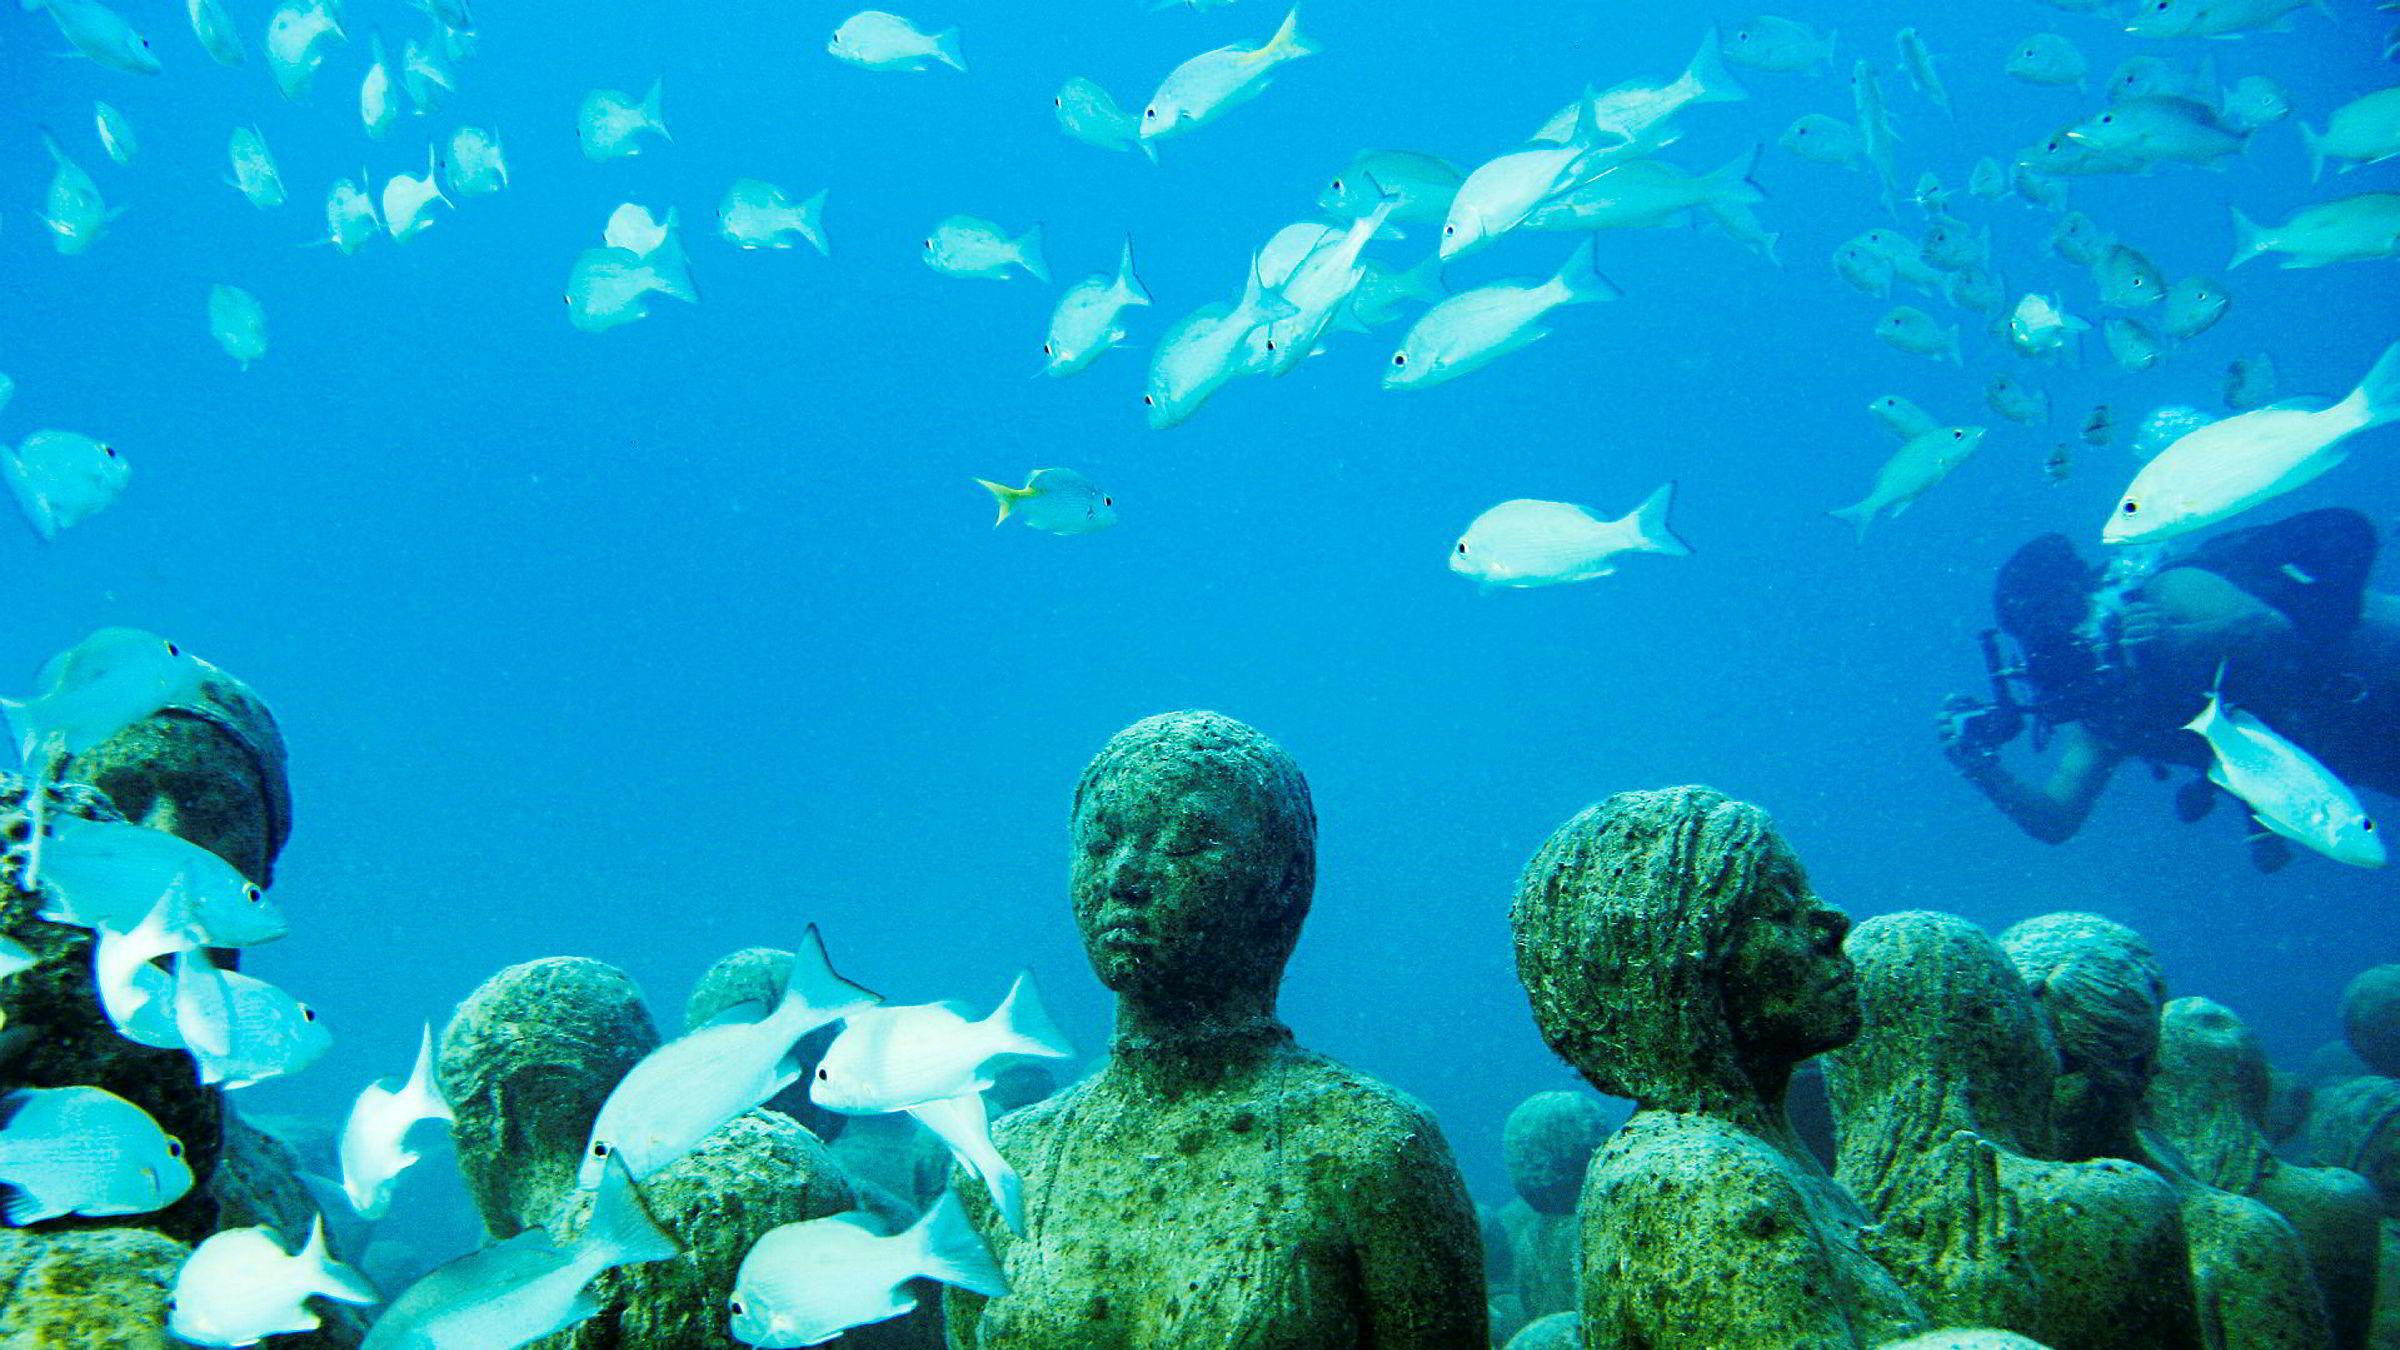 I november åpner en skulpturpark under vann på Sjøholmen i Sandvika. Den britiske kunstneren Jason Taylor skal lage skulpturene. Her fra Taylors «The Silent Evolution» utenfor kysten av Cancún i Mexico.